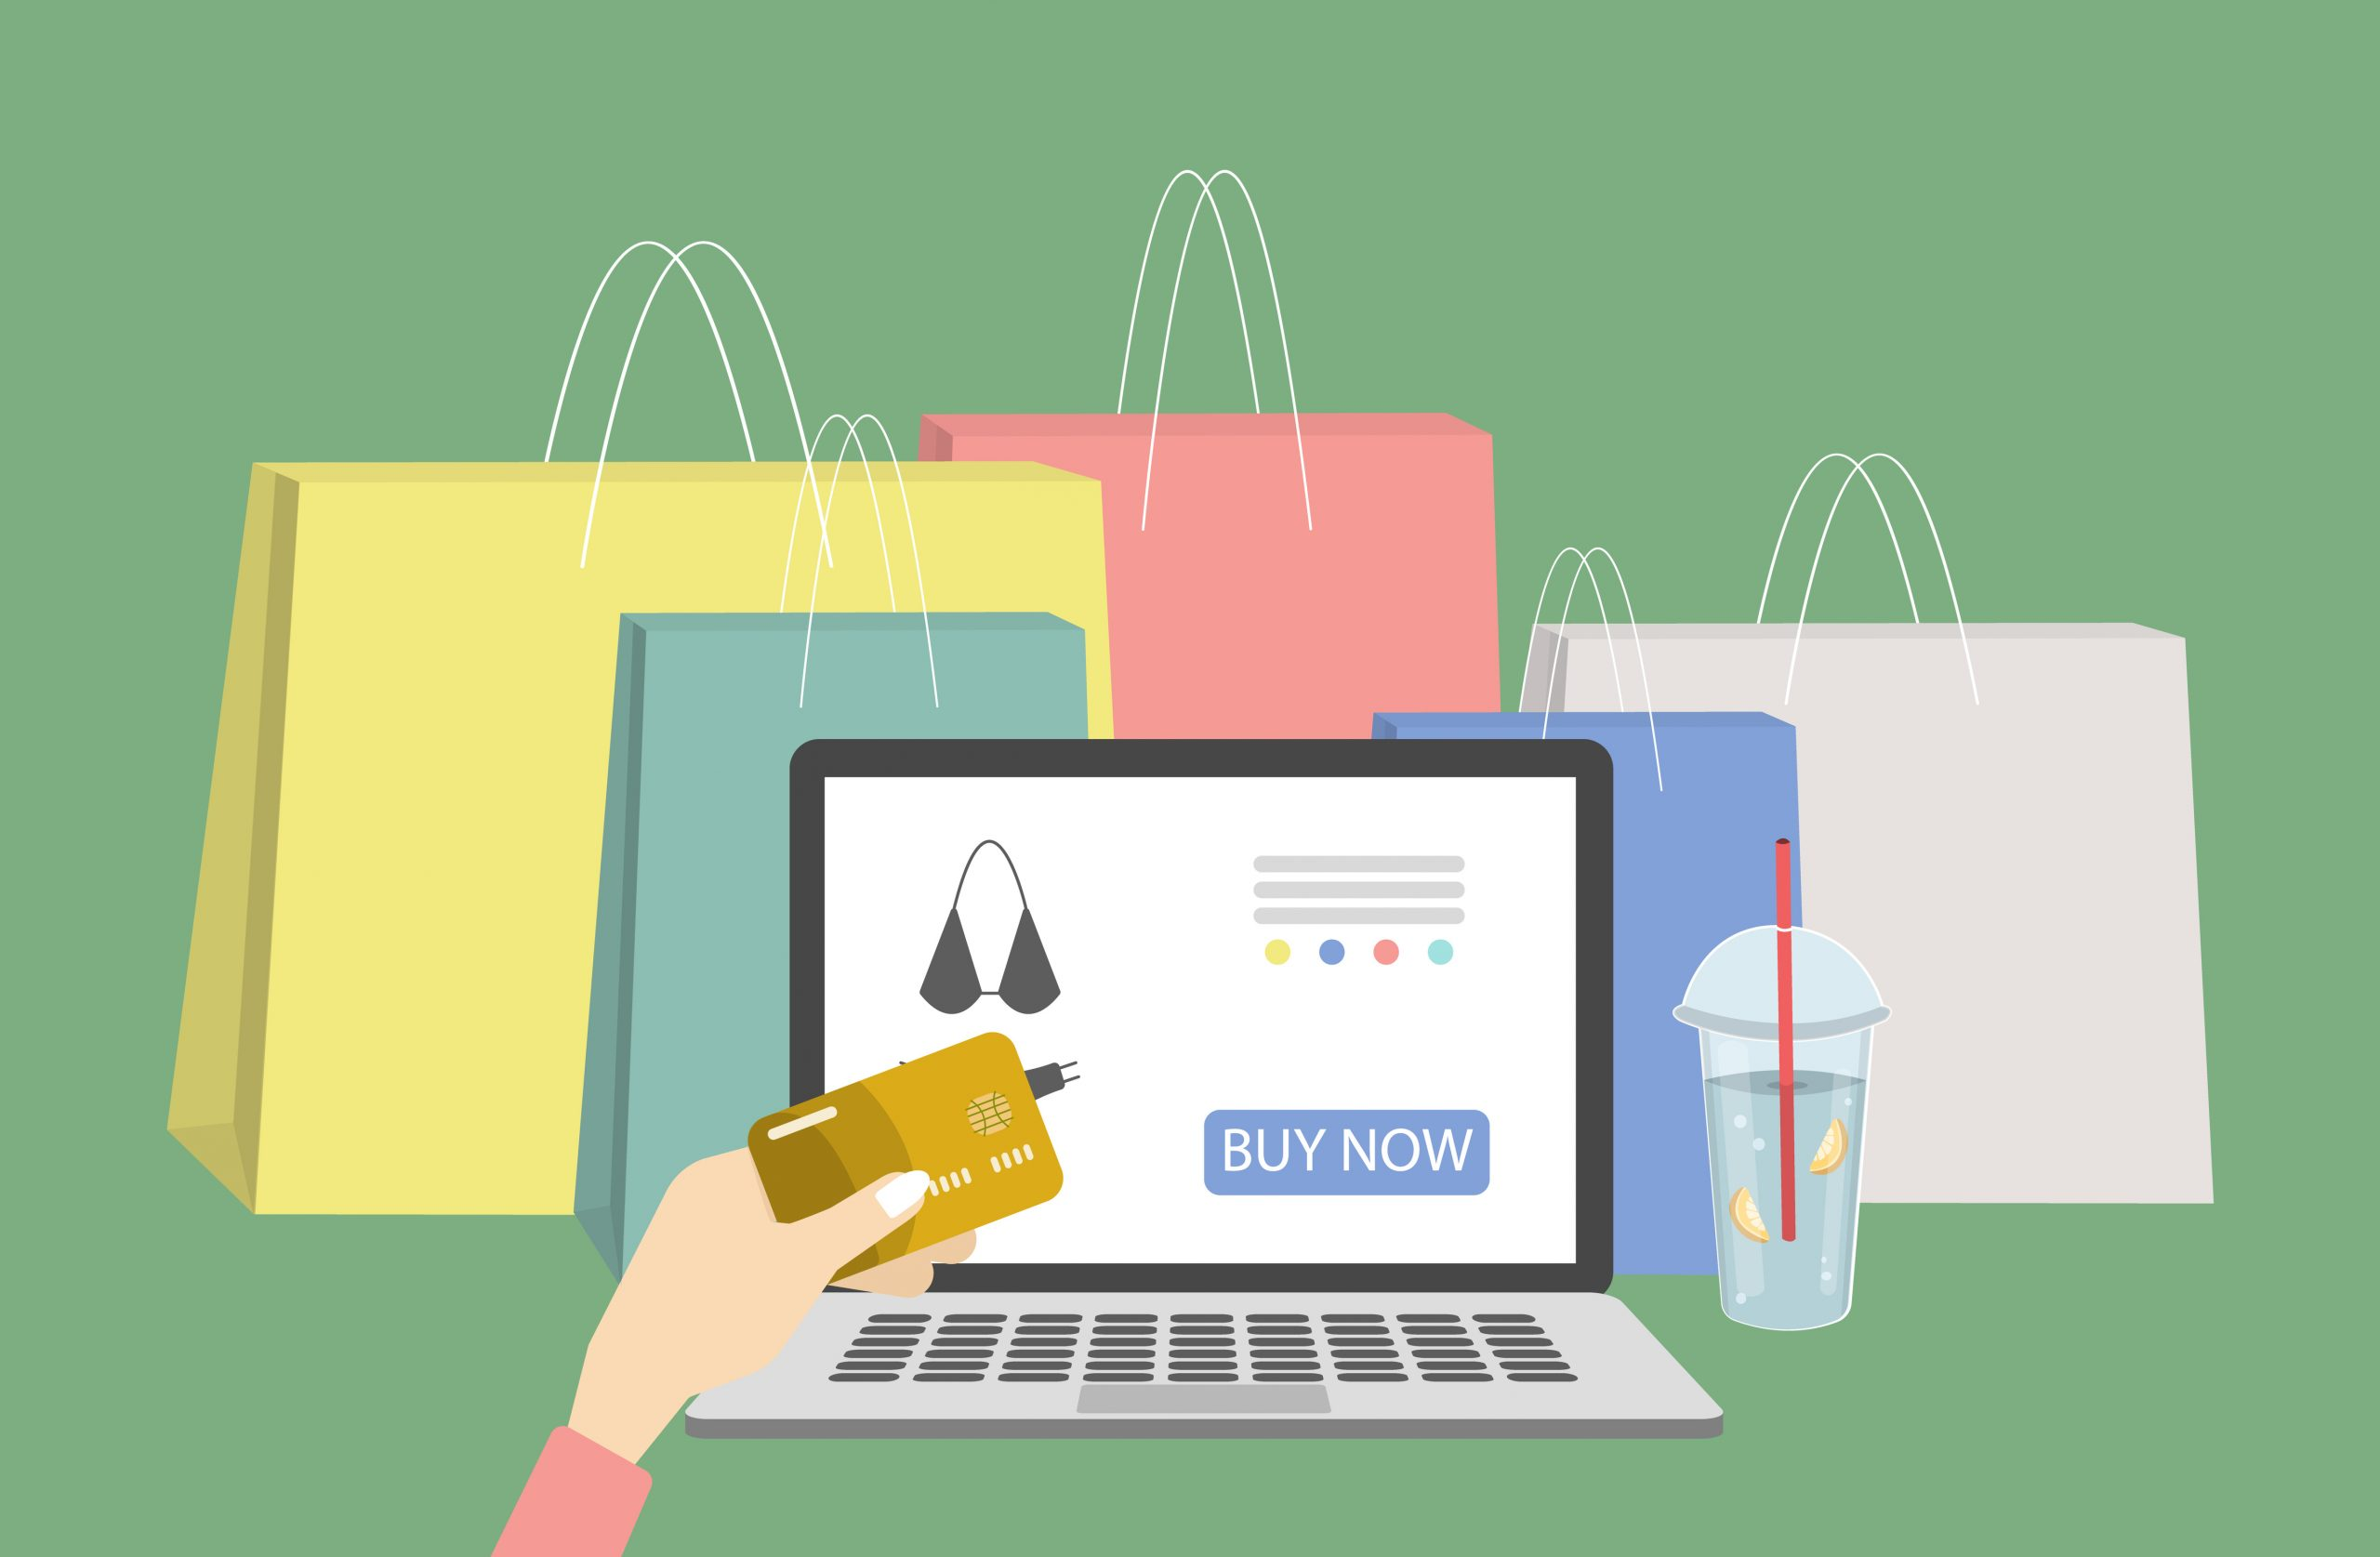 オンラインショッピングのイメージイラストです。